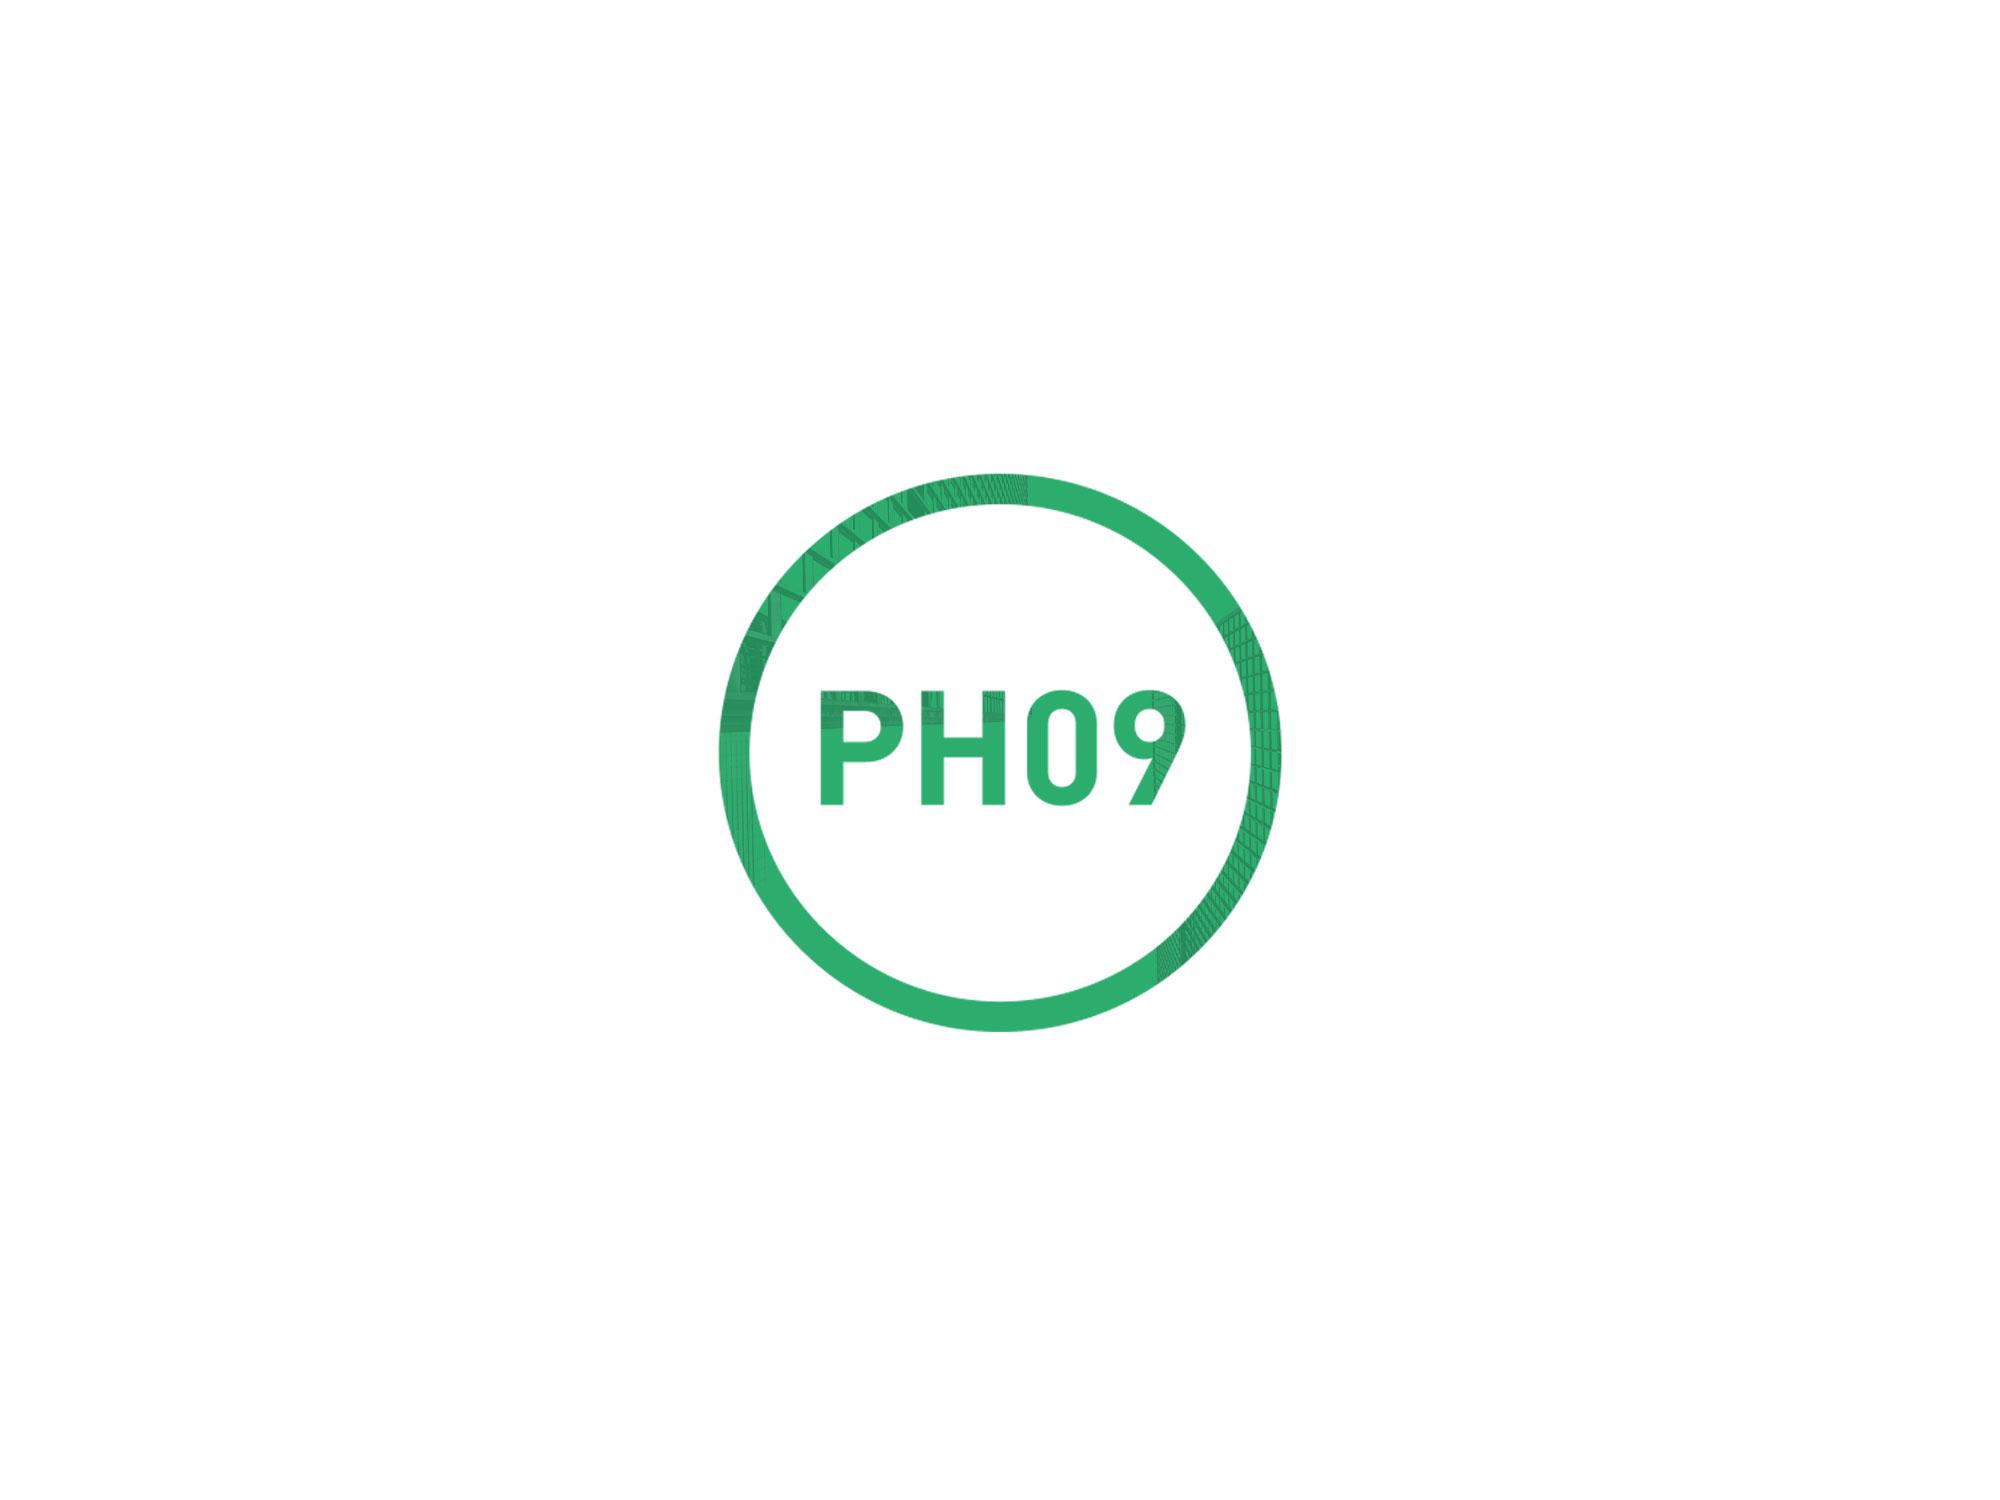 novepuntouno - ph09 - logo